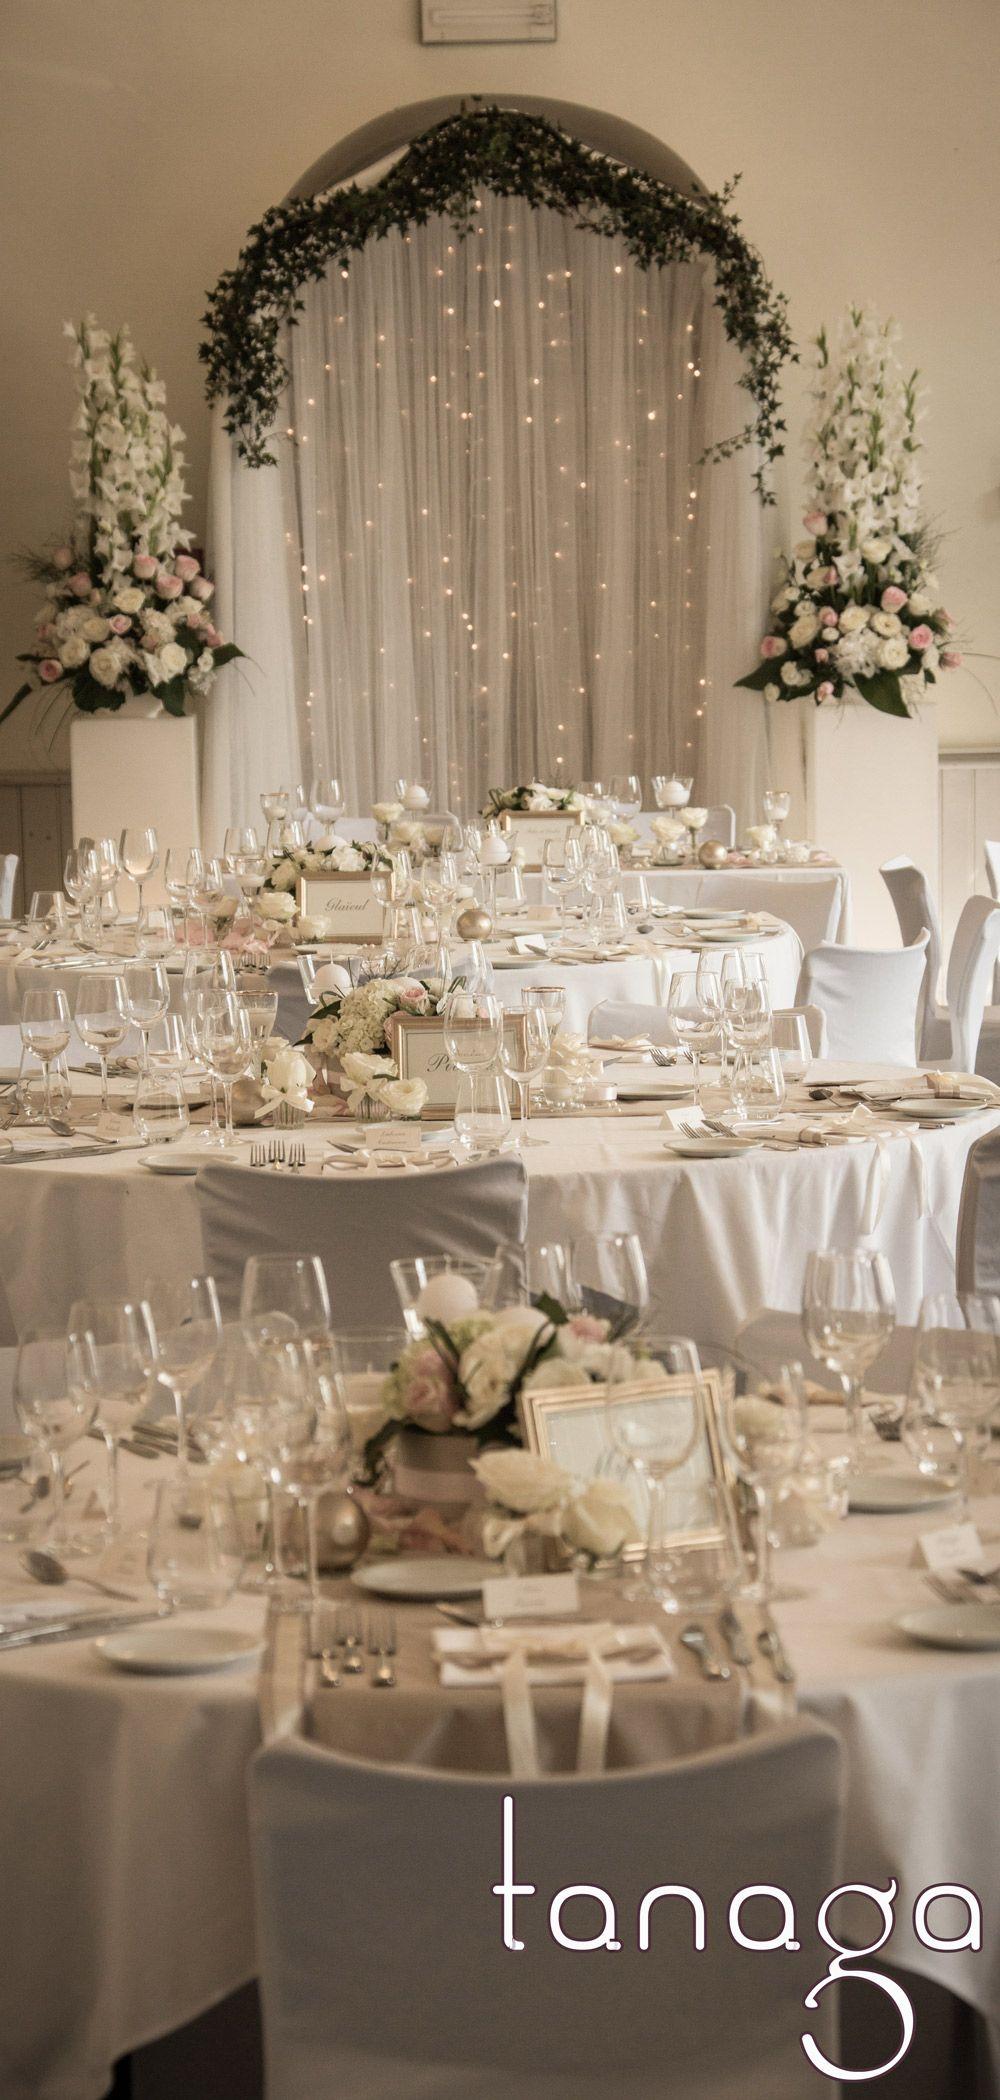 Décoration de table mariage classicoromantique, rose